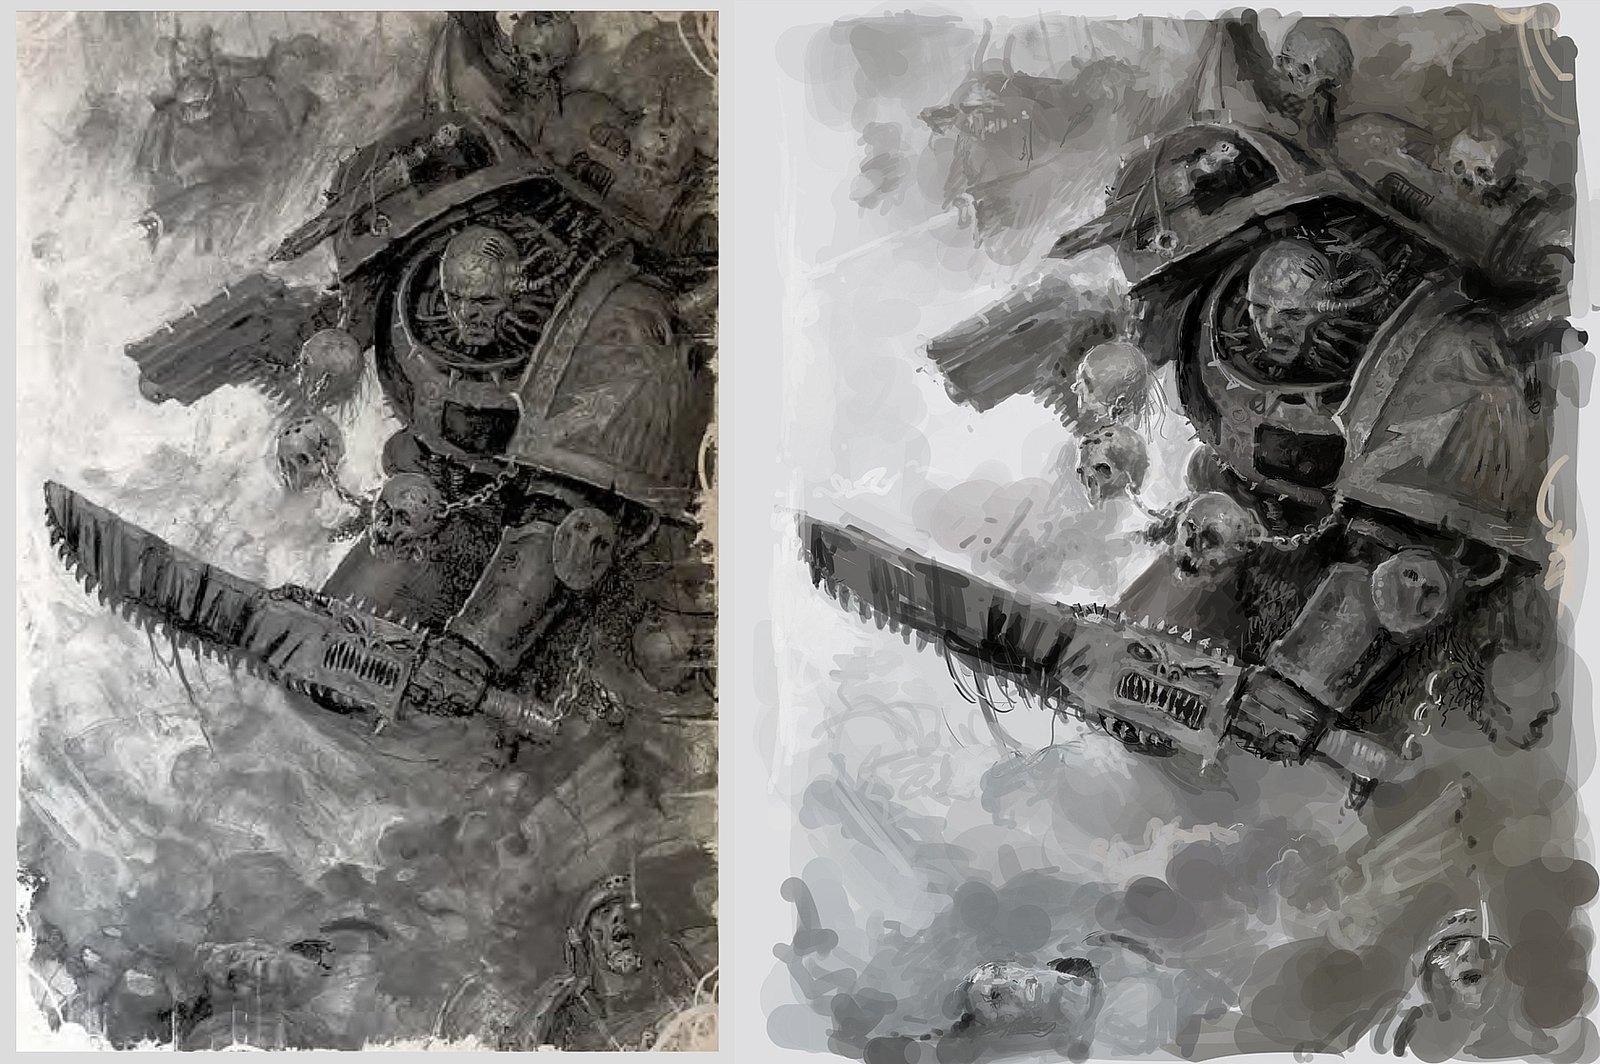 Warhammer 40K study in Mischief